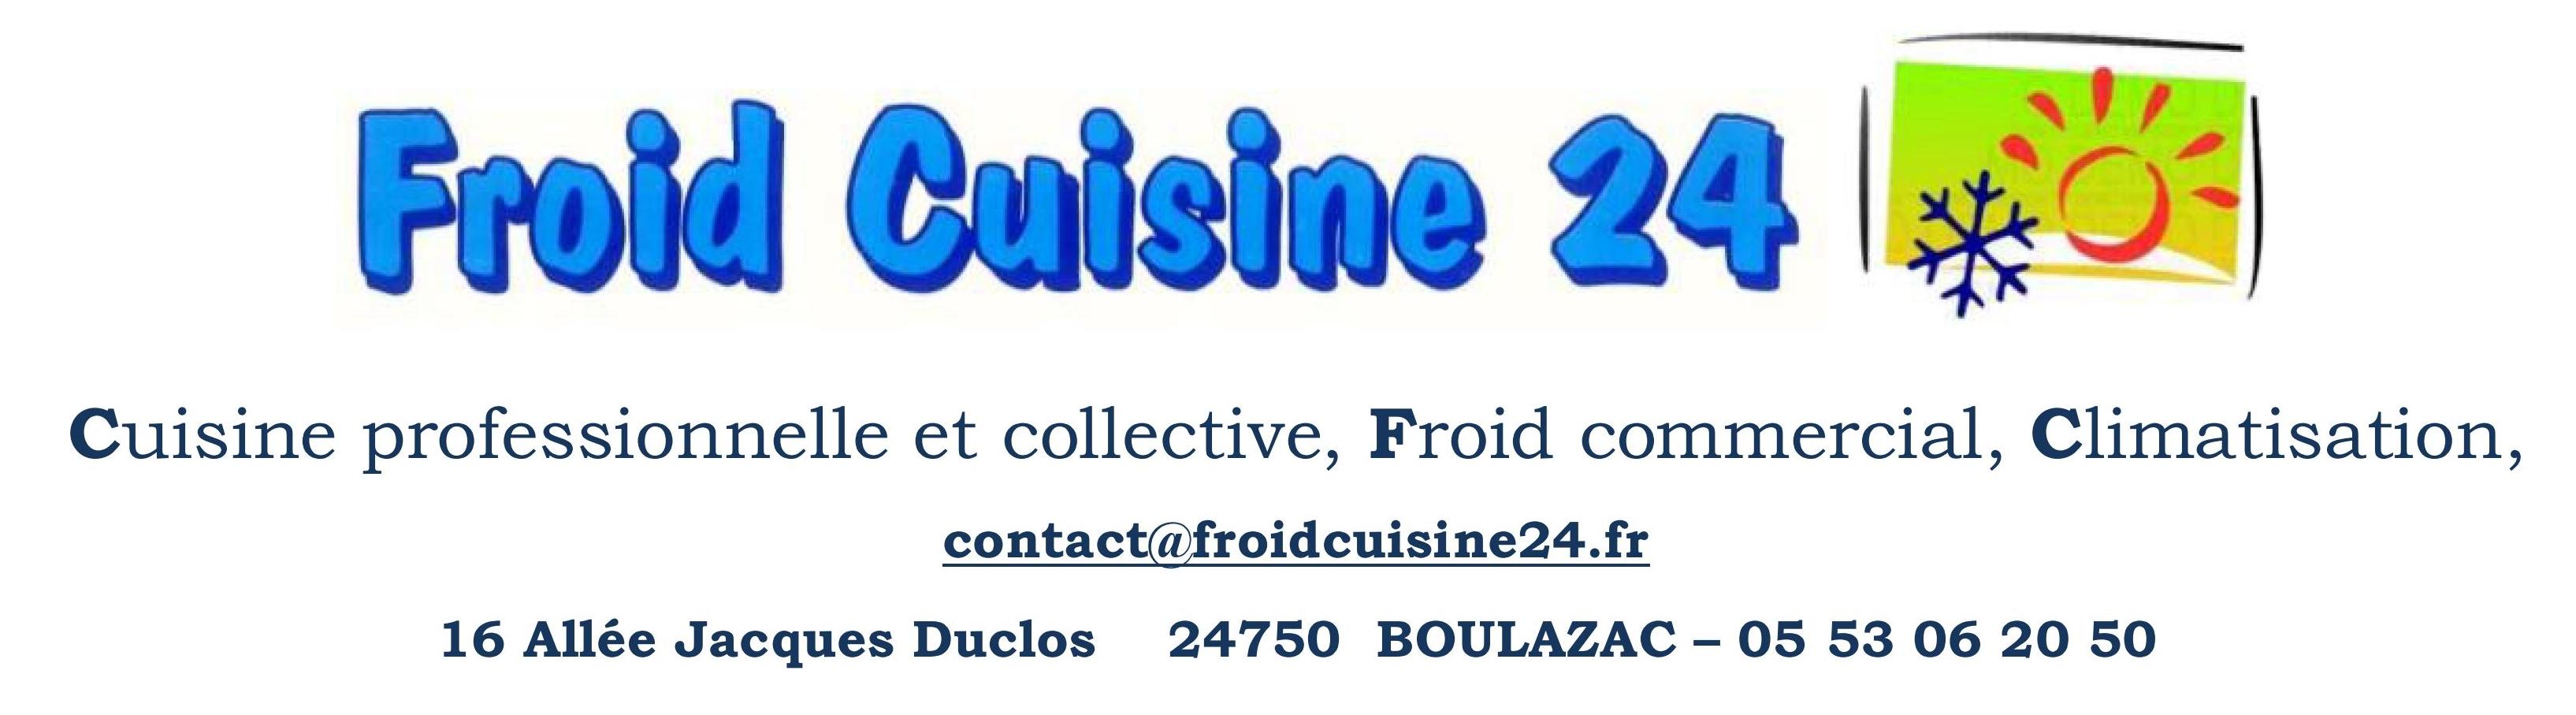 Froid Cuisine RAVIR - Froid cuisine 24